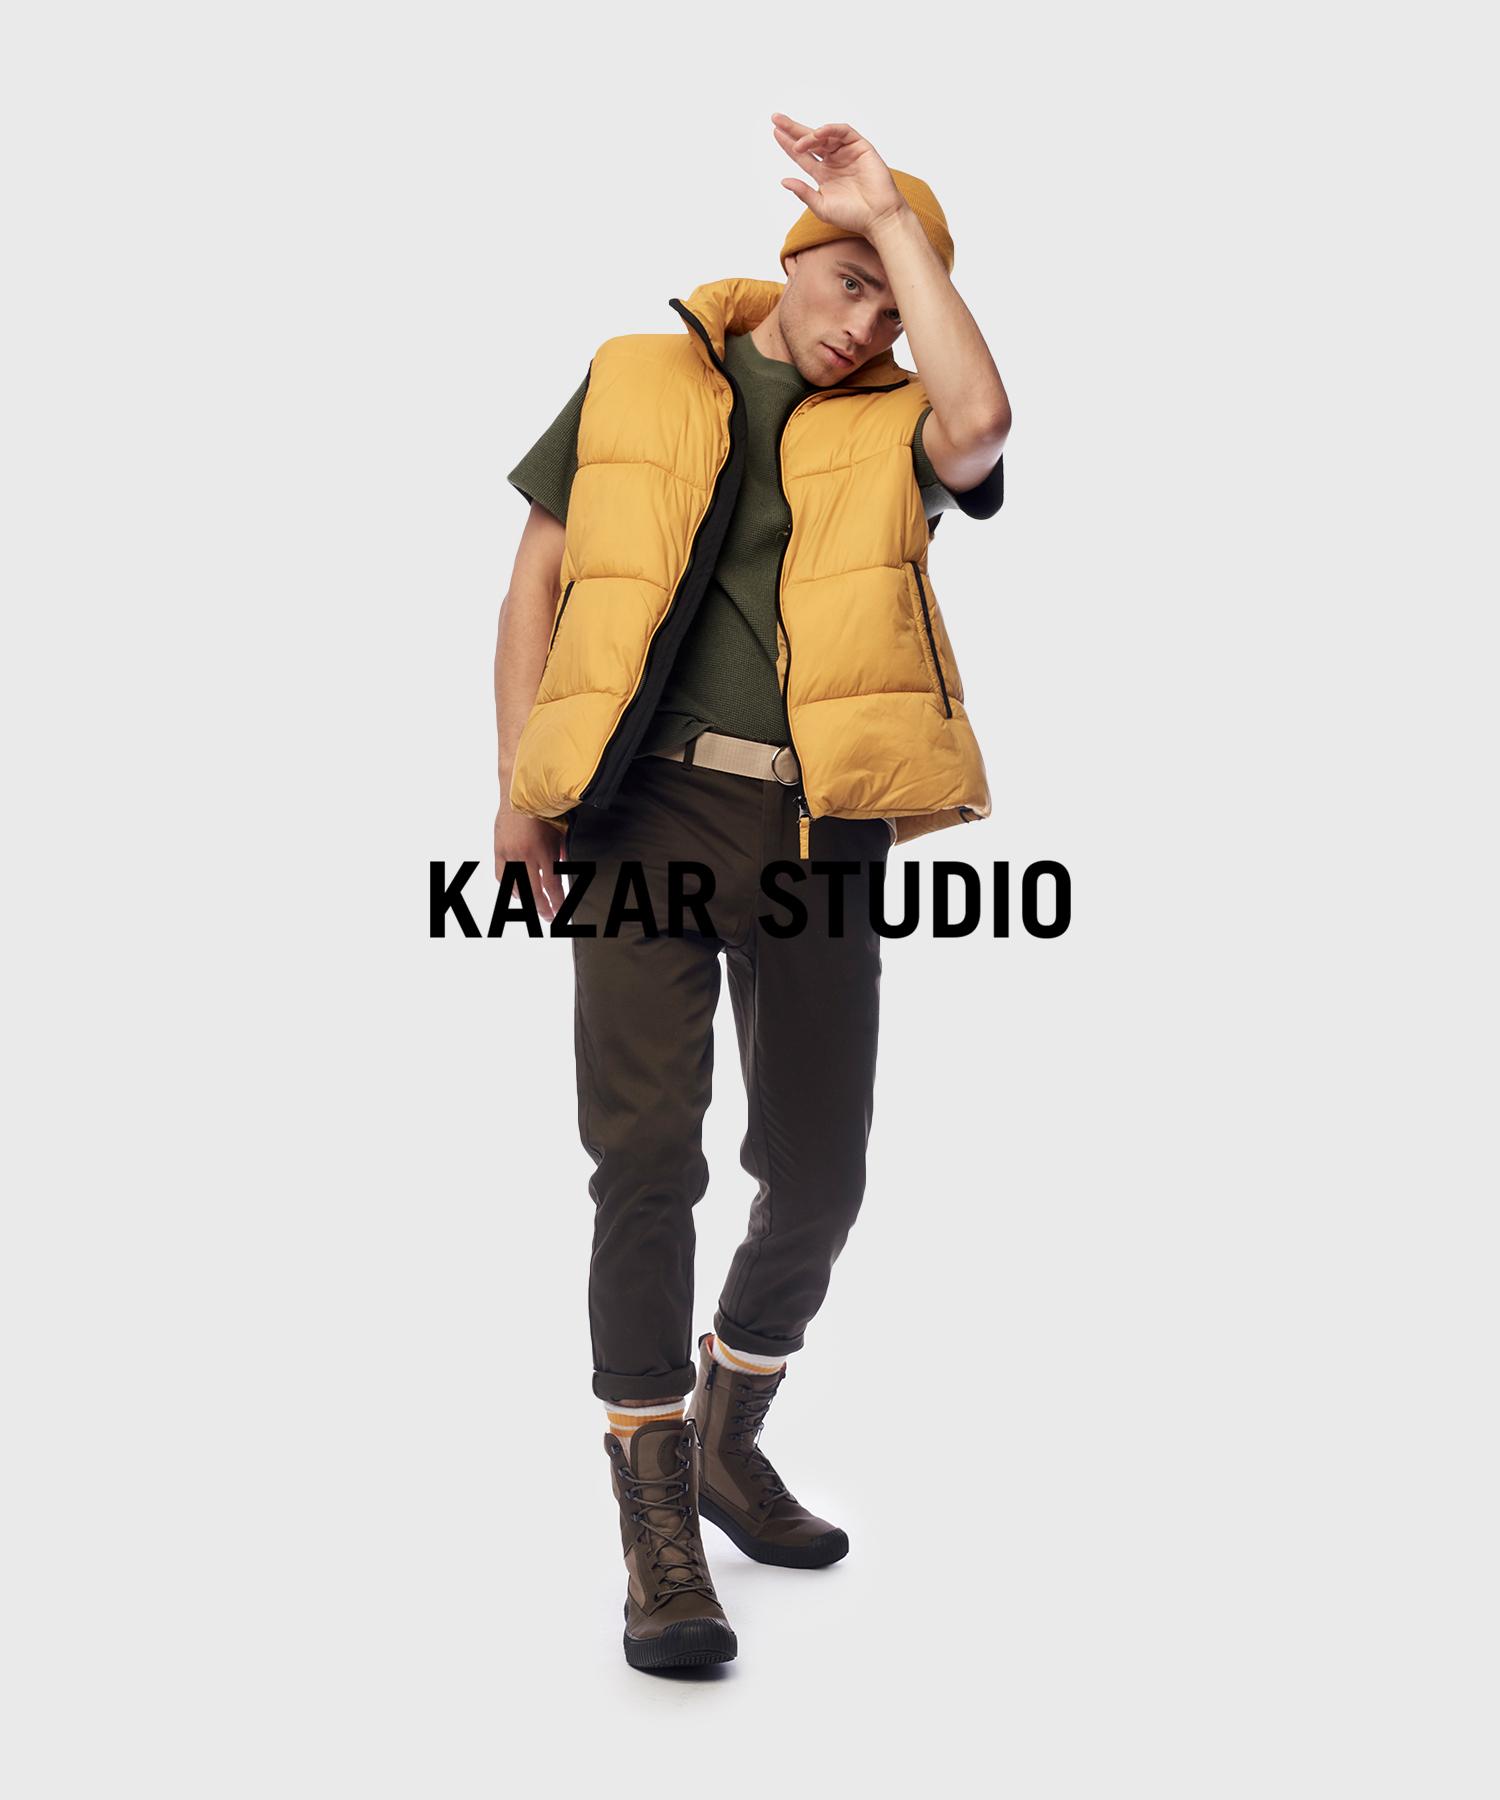 kazar studio00002.jpg